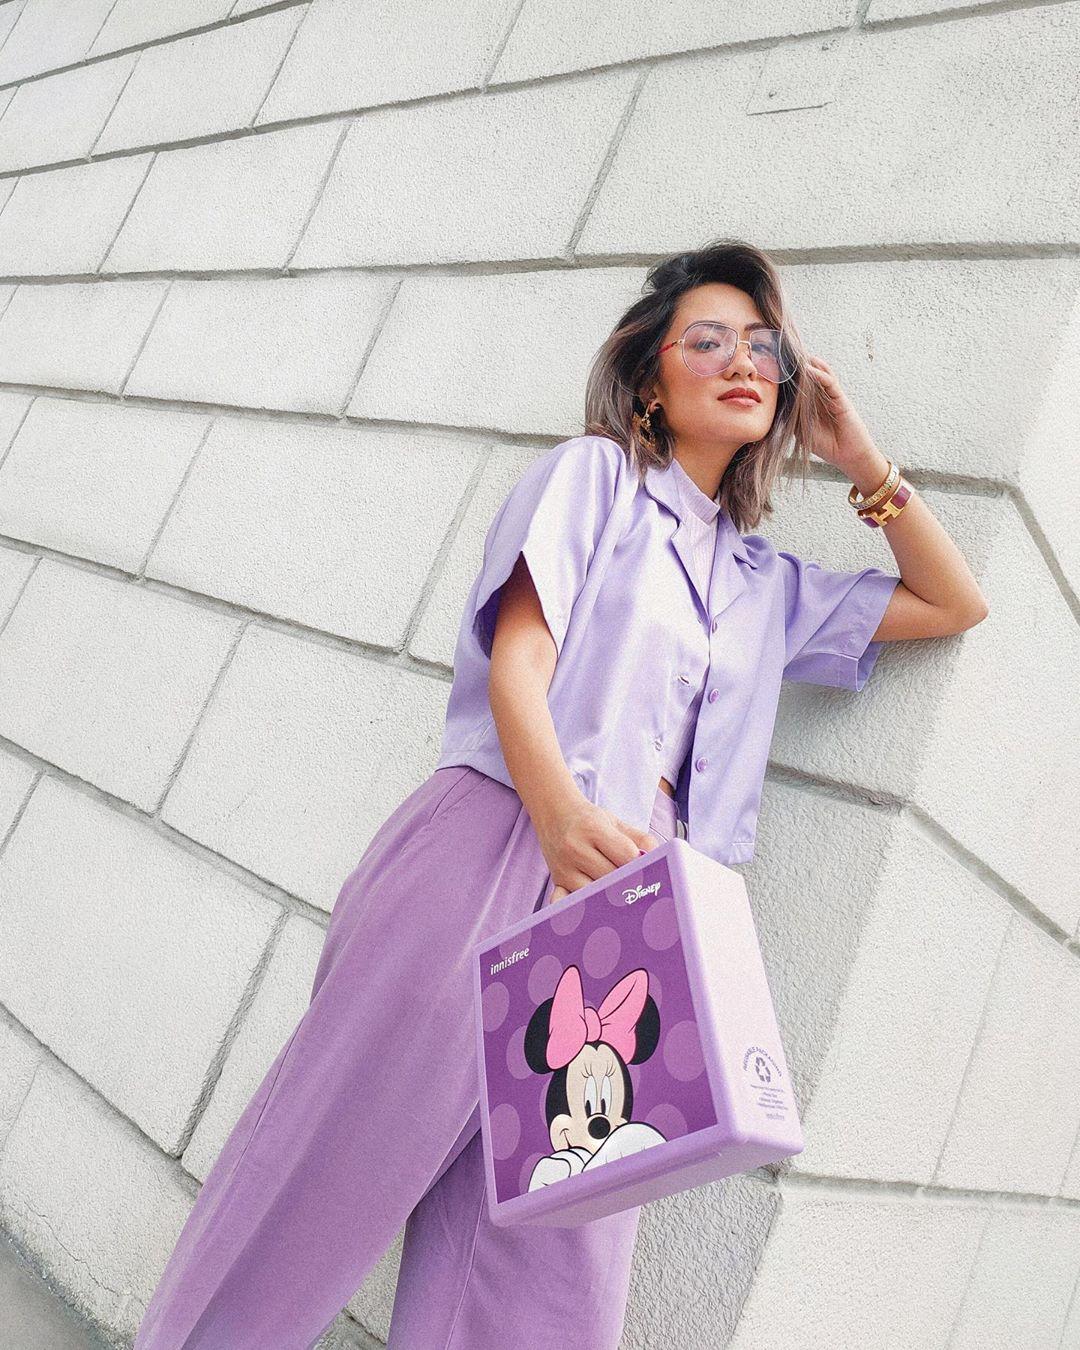 Trang phục monochorome tím lilac